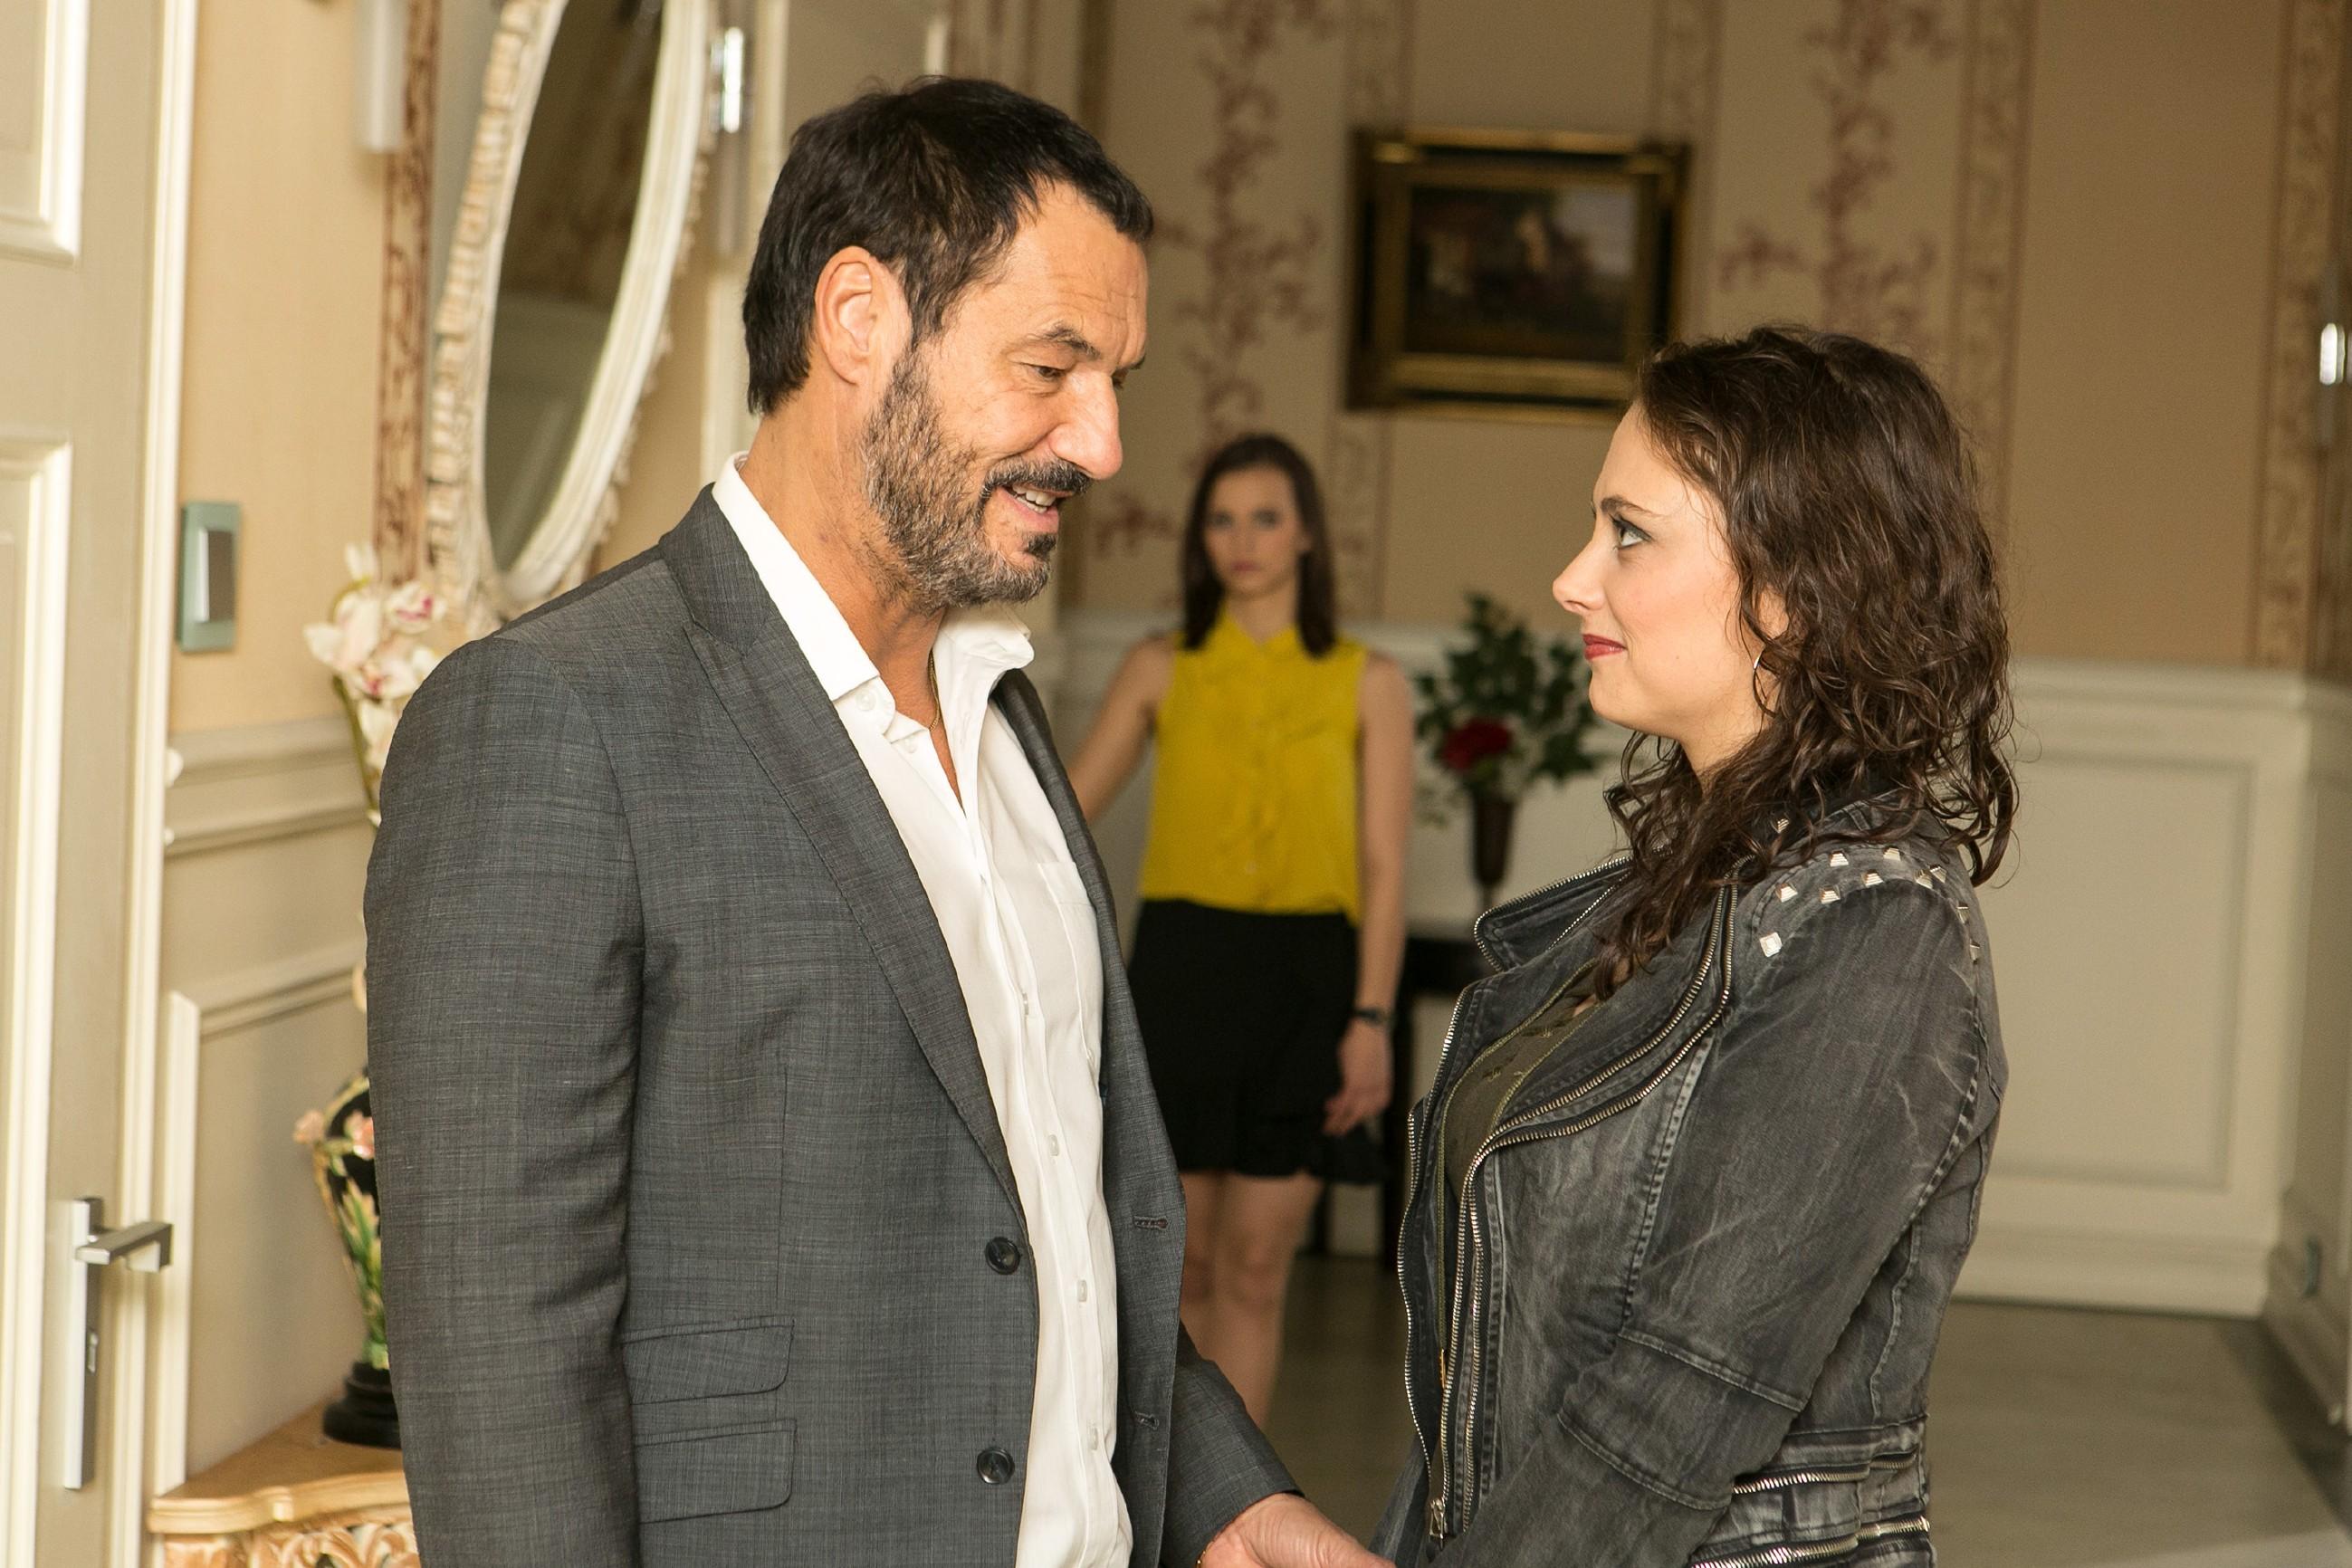 Carmen (Heike Warmuth, r.) befürchtet von Michelle (Franziska Benz) in Bezug auf Richard (Silvan-Pierre Leirich) durchschaut worden zu sein. (Quelle: RTL / Kai Schulz)